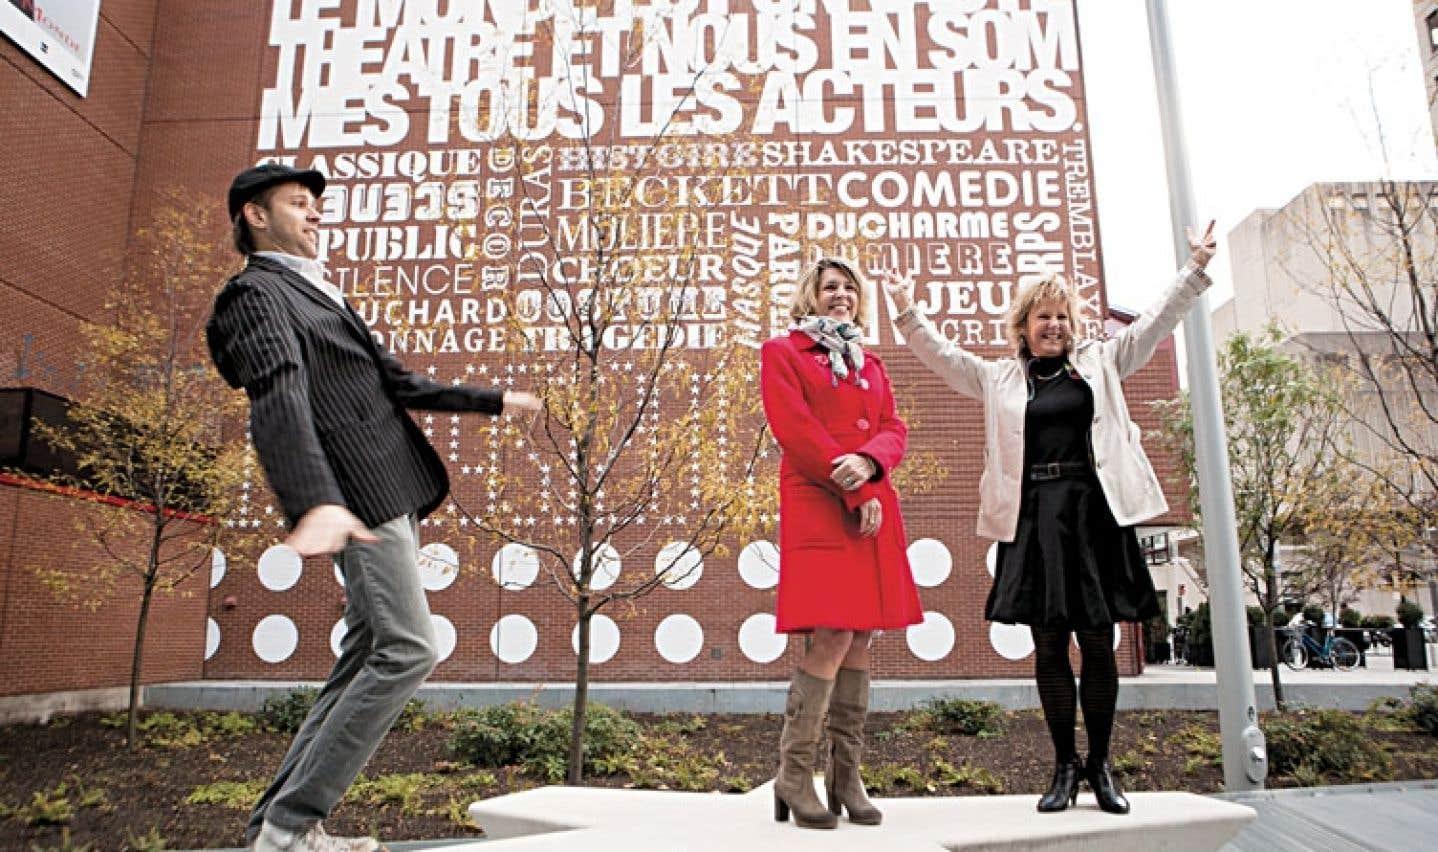 Le rôle d'Hydro-Québec comme propriétaire du TNM prend de l'importance alors que le Quartier des spectacles se revitalise, croit Lorraine Pintal, directrice artistique du théâtre, à droite sur la photo. Elle y inaugurait en octobre 2012, avec l'équipe de création, une murale dans le cadre des 100 ans de l'édifice.